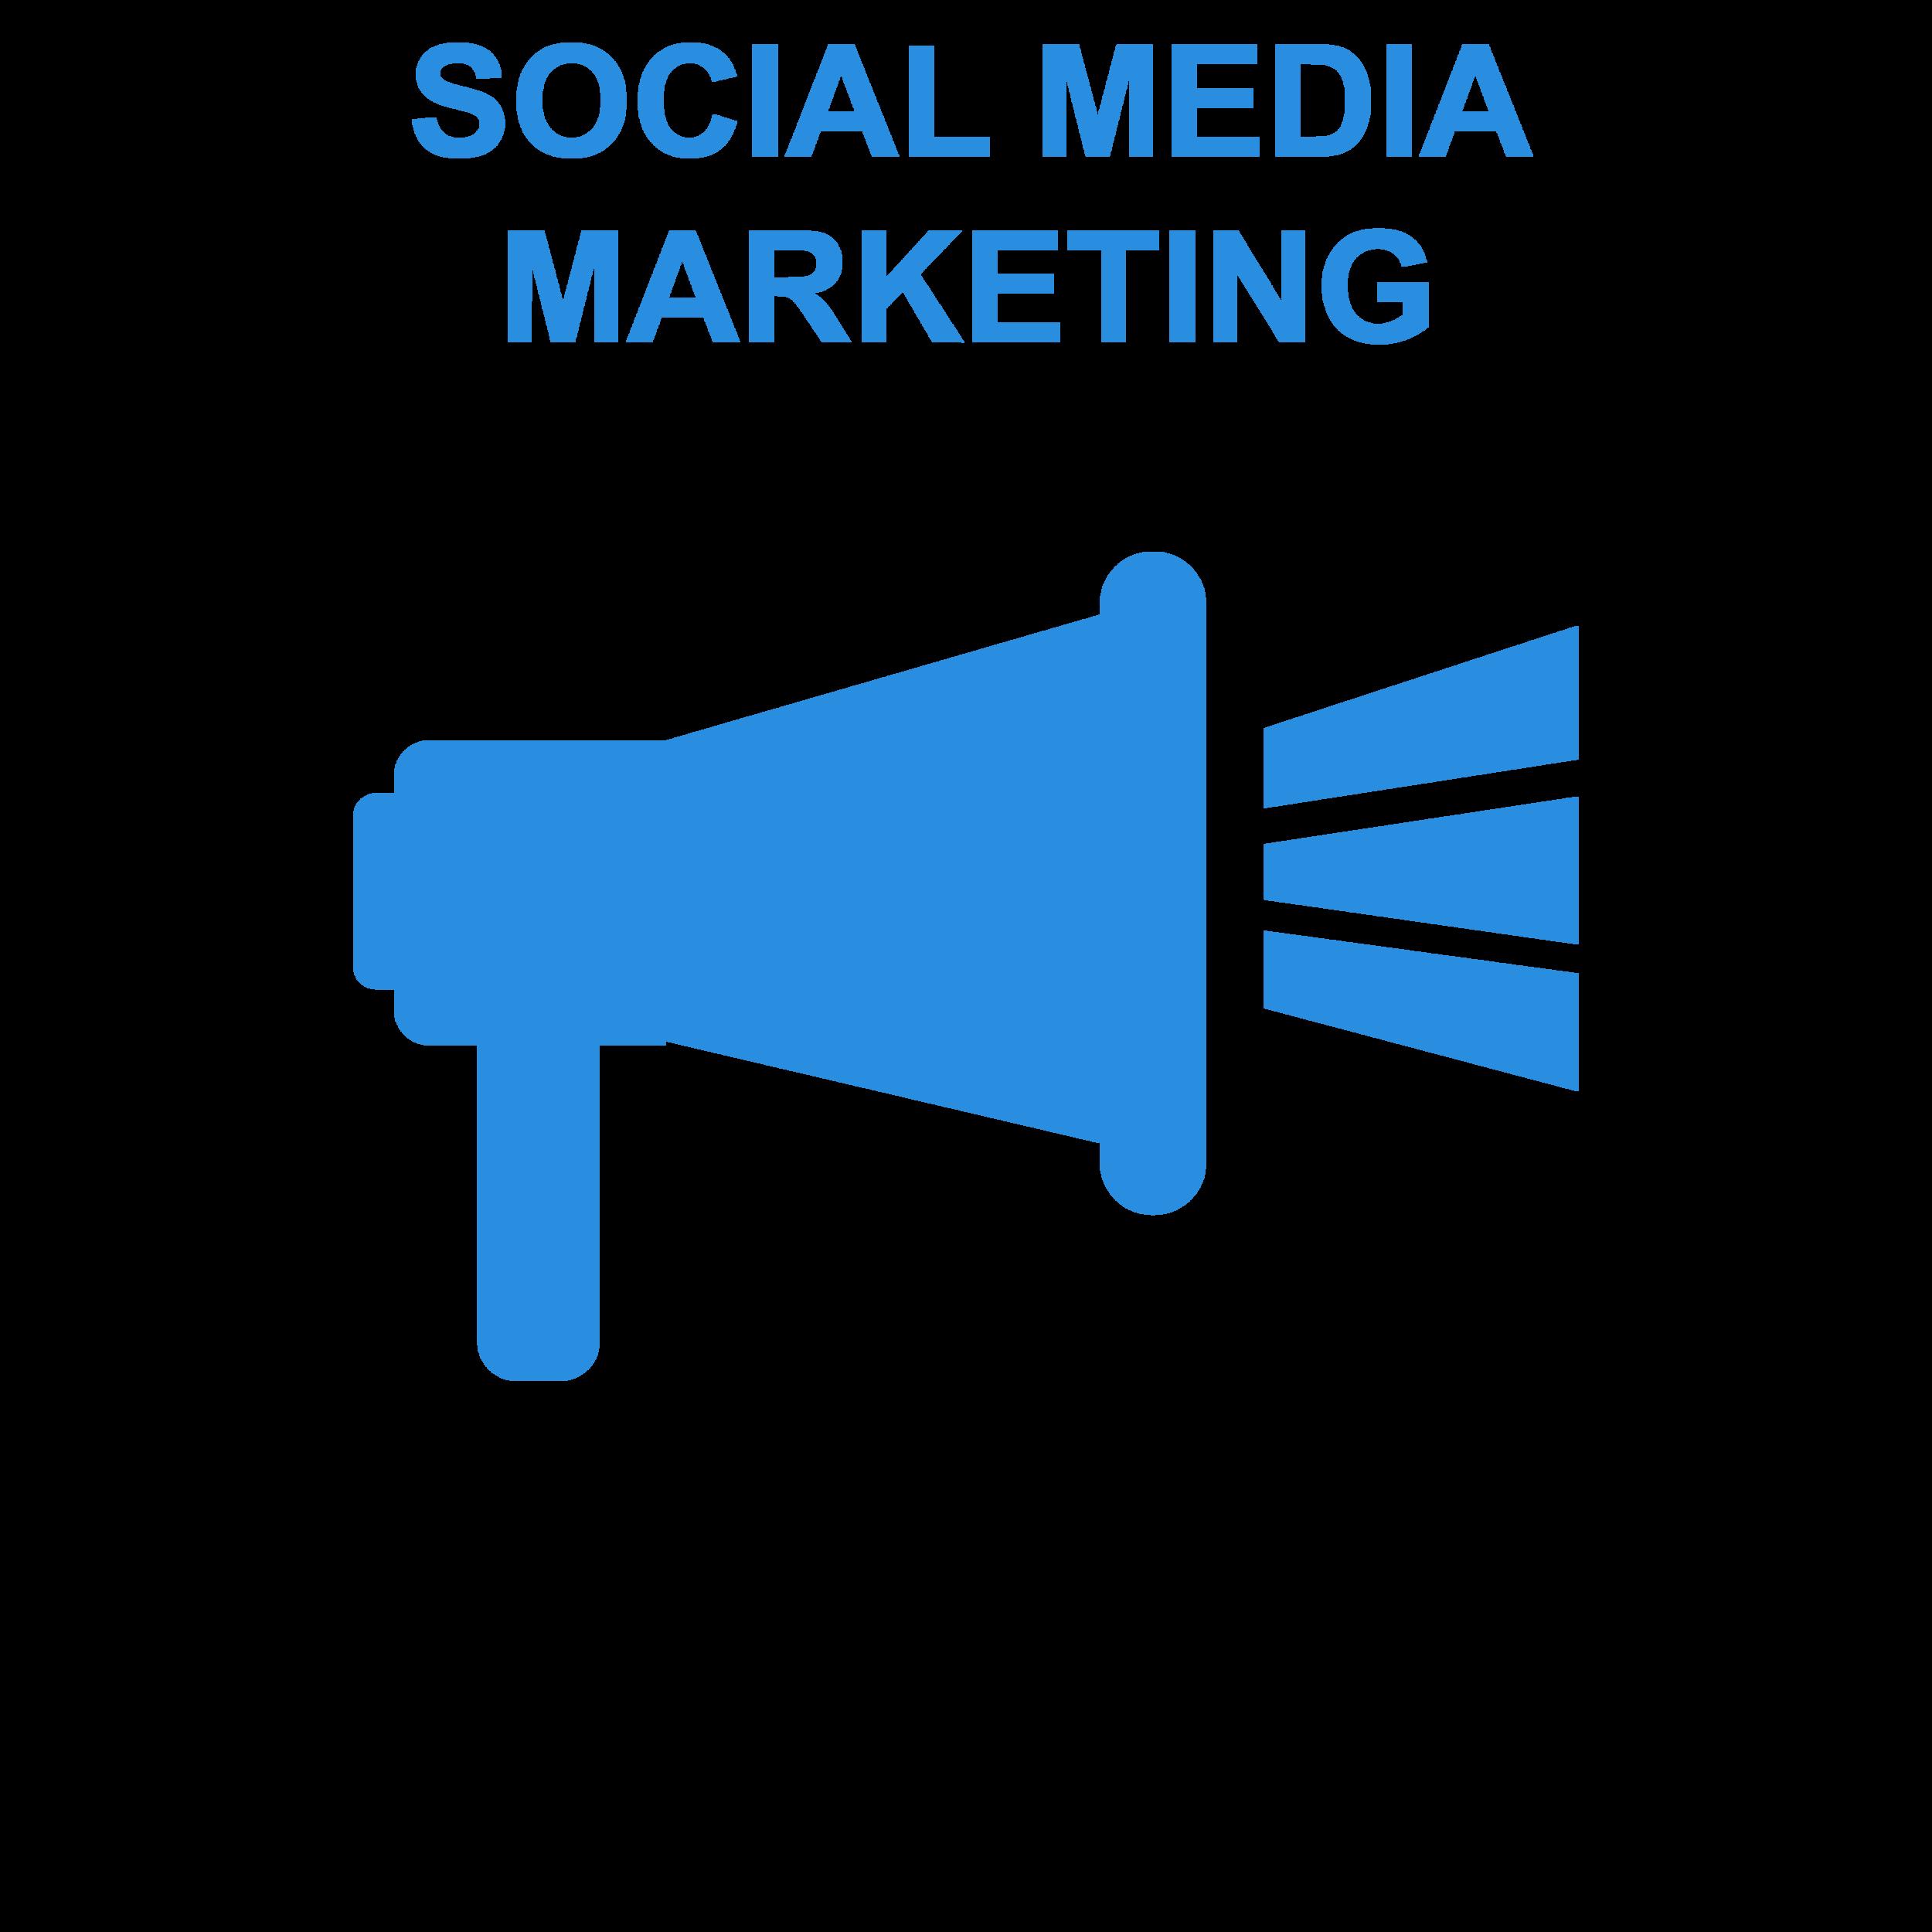 social-media-marketing-kotiadis-consulting copy.png